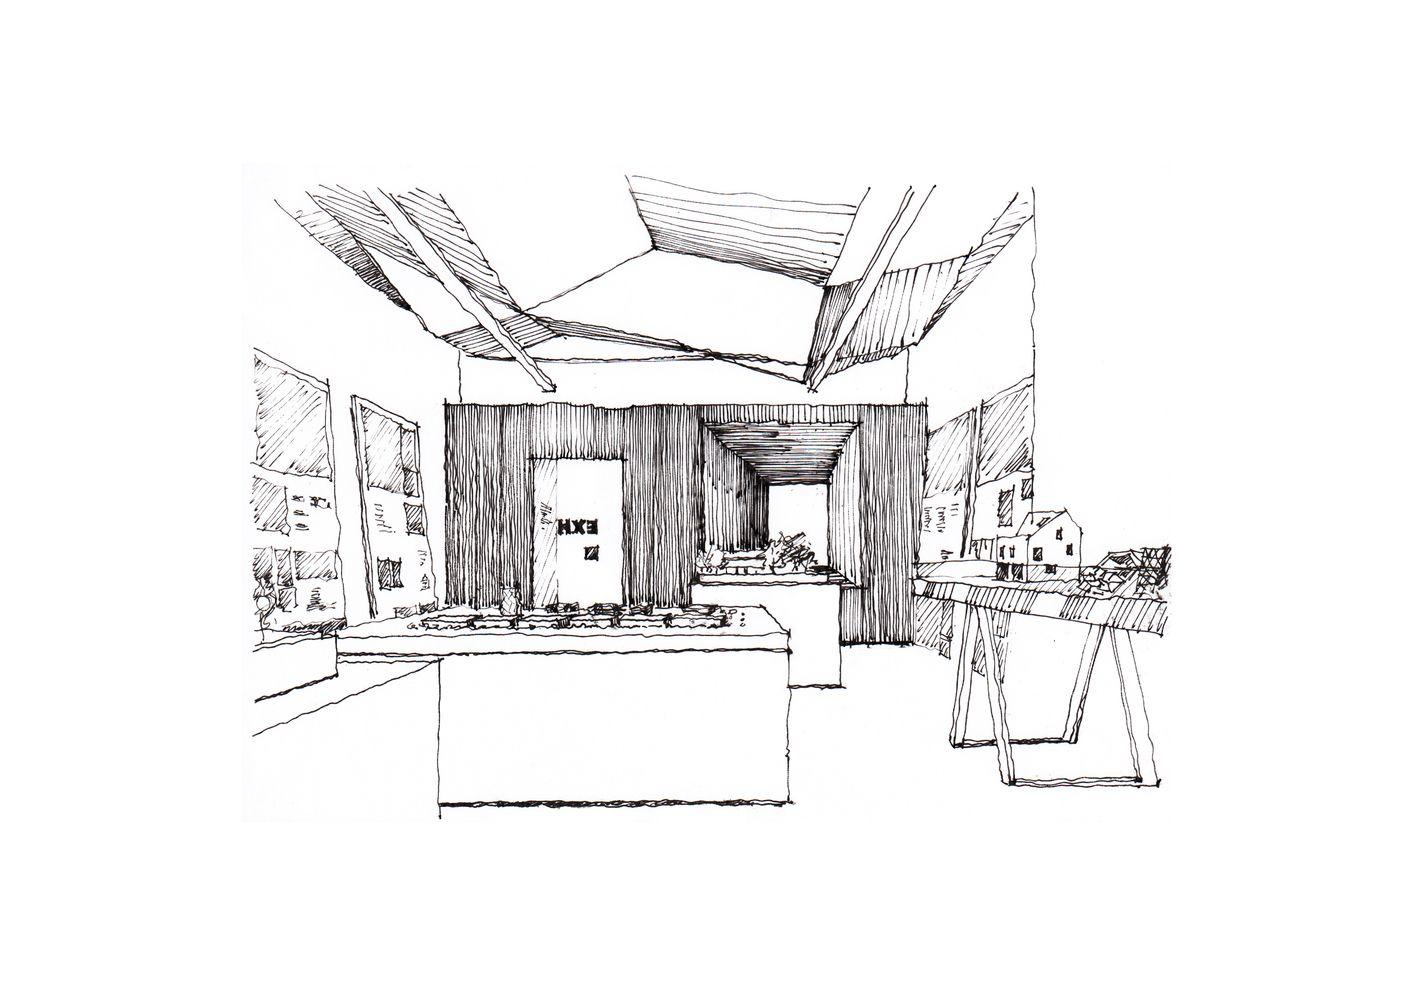 Galeria De 42 Croquis Dibujos Y Diagramas De Espacios De